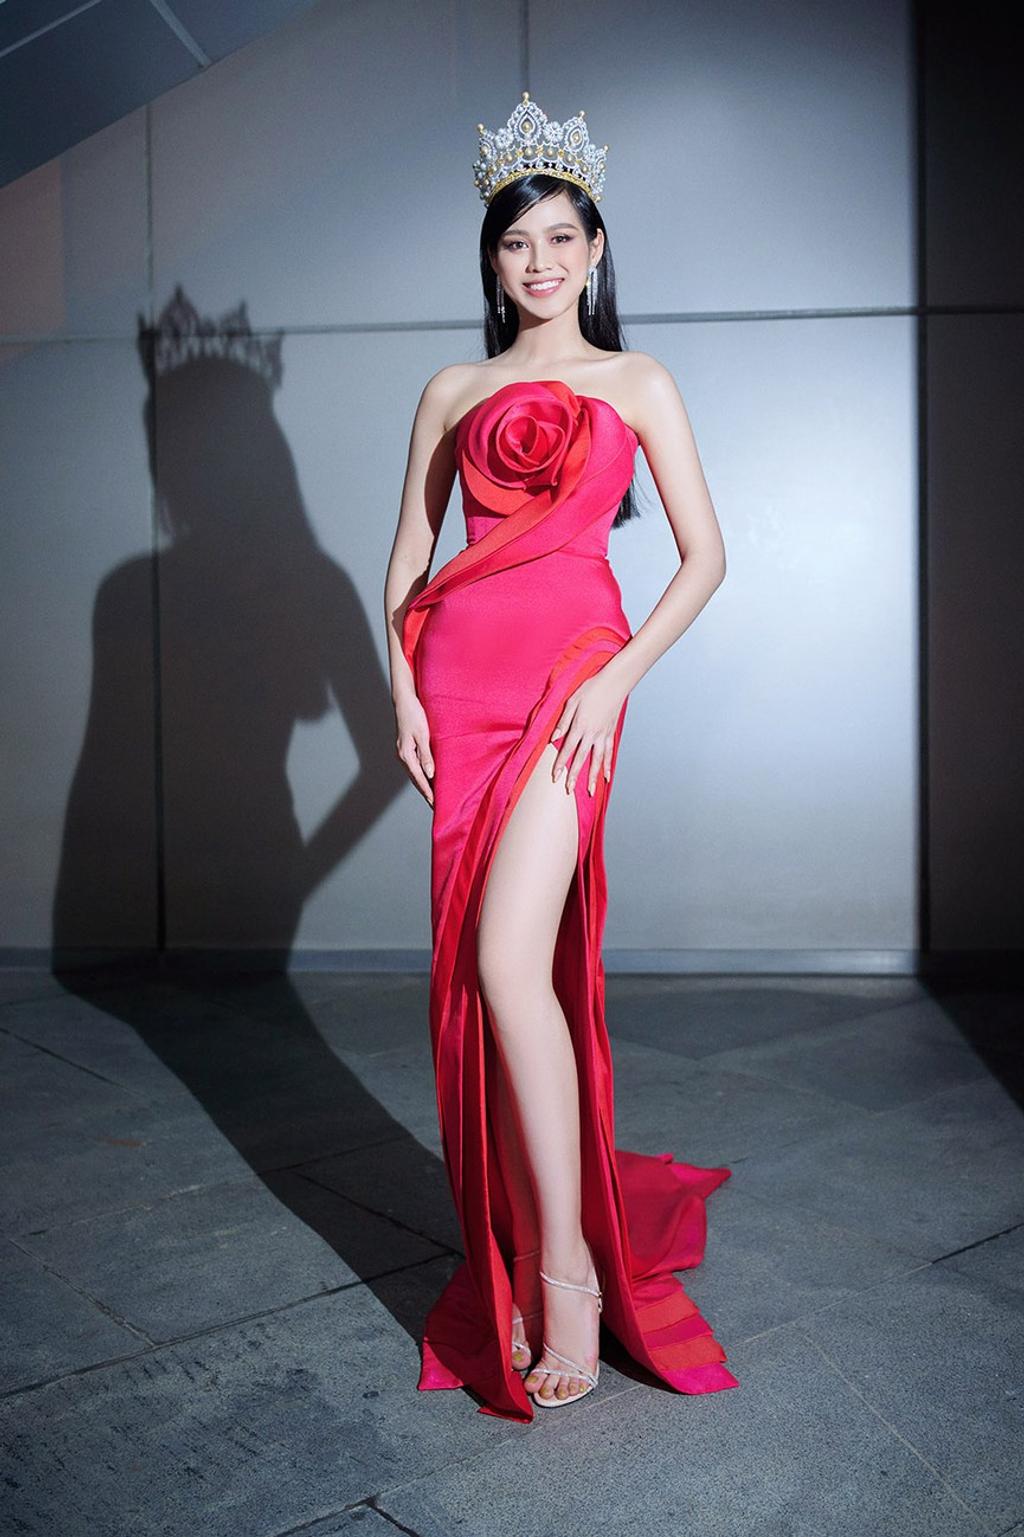 Hoa hậu Việt Nam 2020 Đỗ Thị Hà sẽ lên đường sang Puerto Rico để dự thi Miss World vào tháng 12. Đại diện Việt Nam sinh năm 2001 tại Thanh Hóa. Cô sở hữu chiều cao 1m75 và số đo ba vòng 80-60-90, đặc biệt là đôi chân 1m1